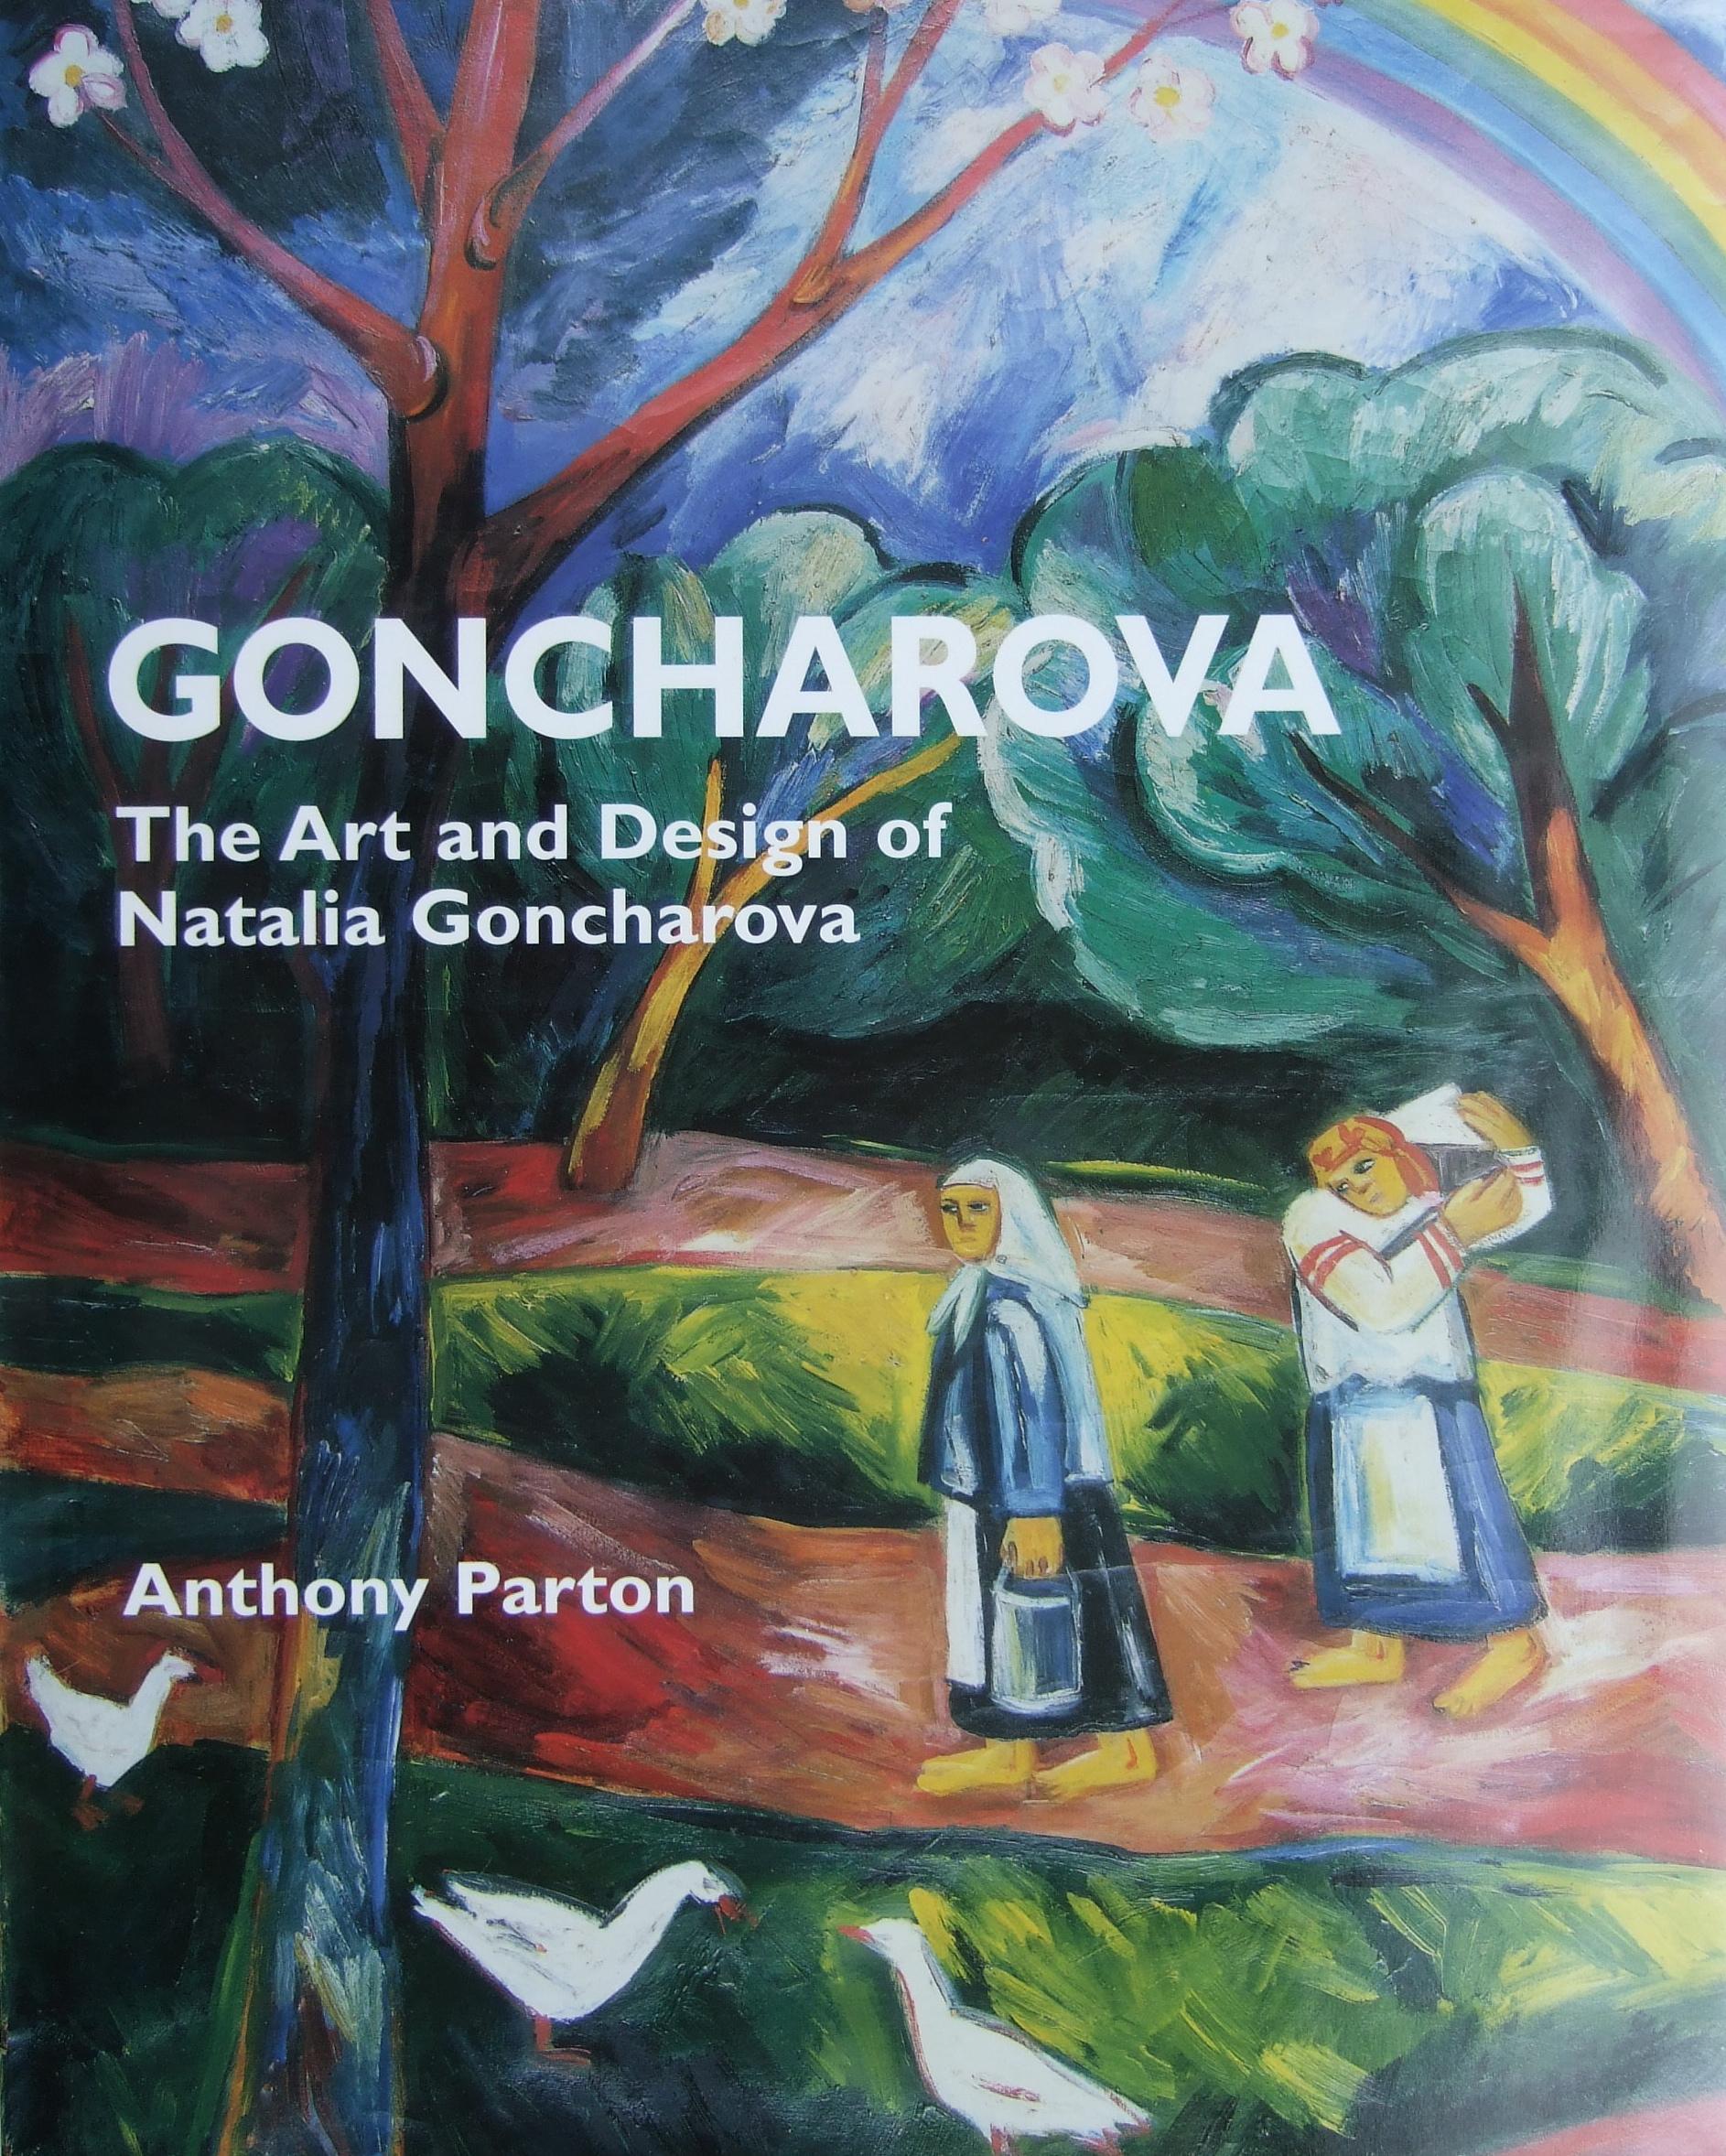 GONCHAROVA The Art and Design of Natalia Goncharova